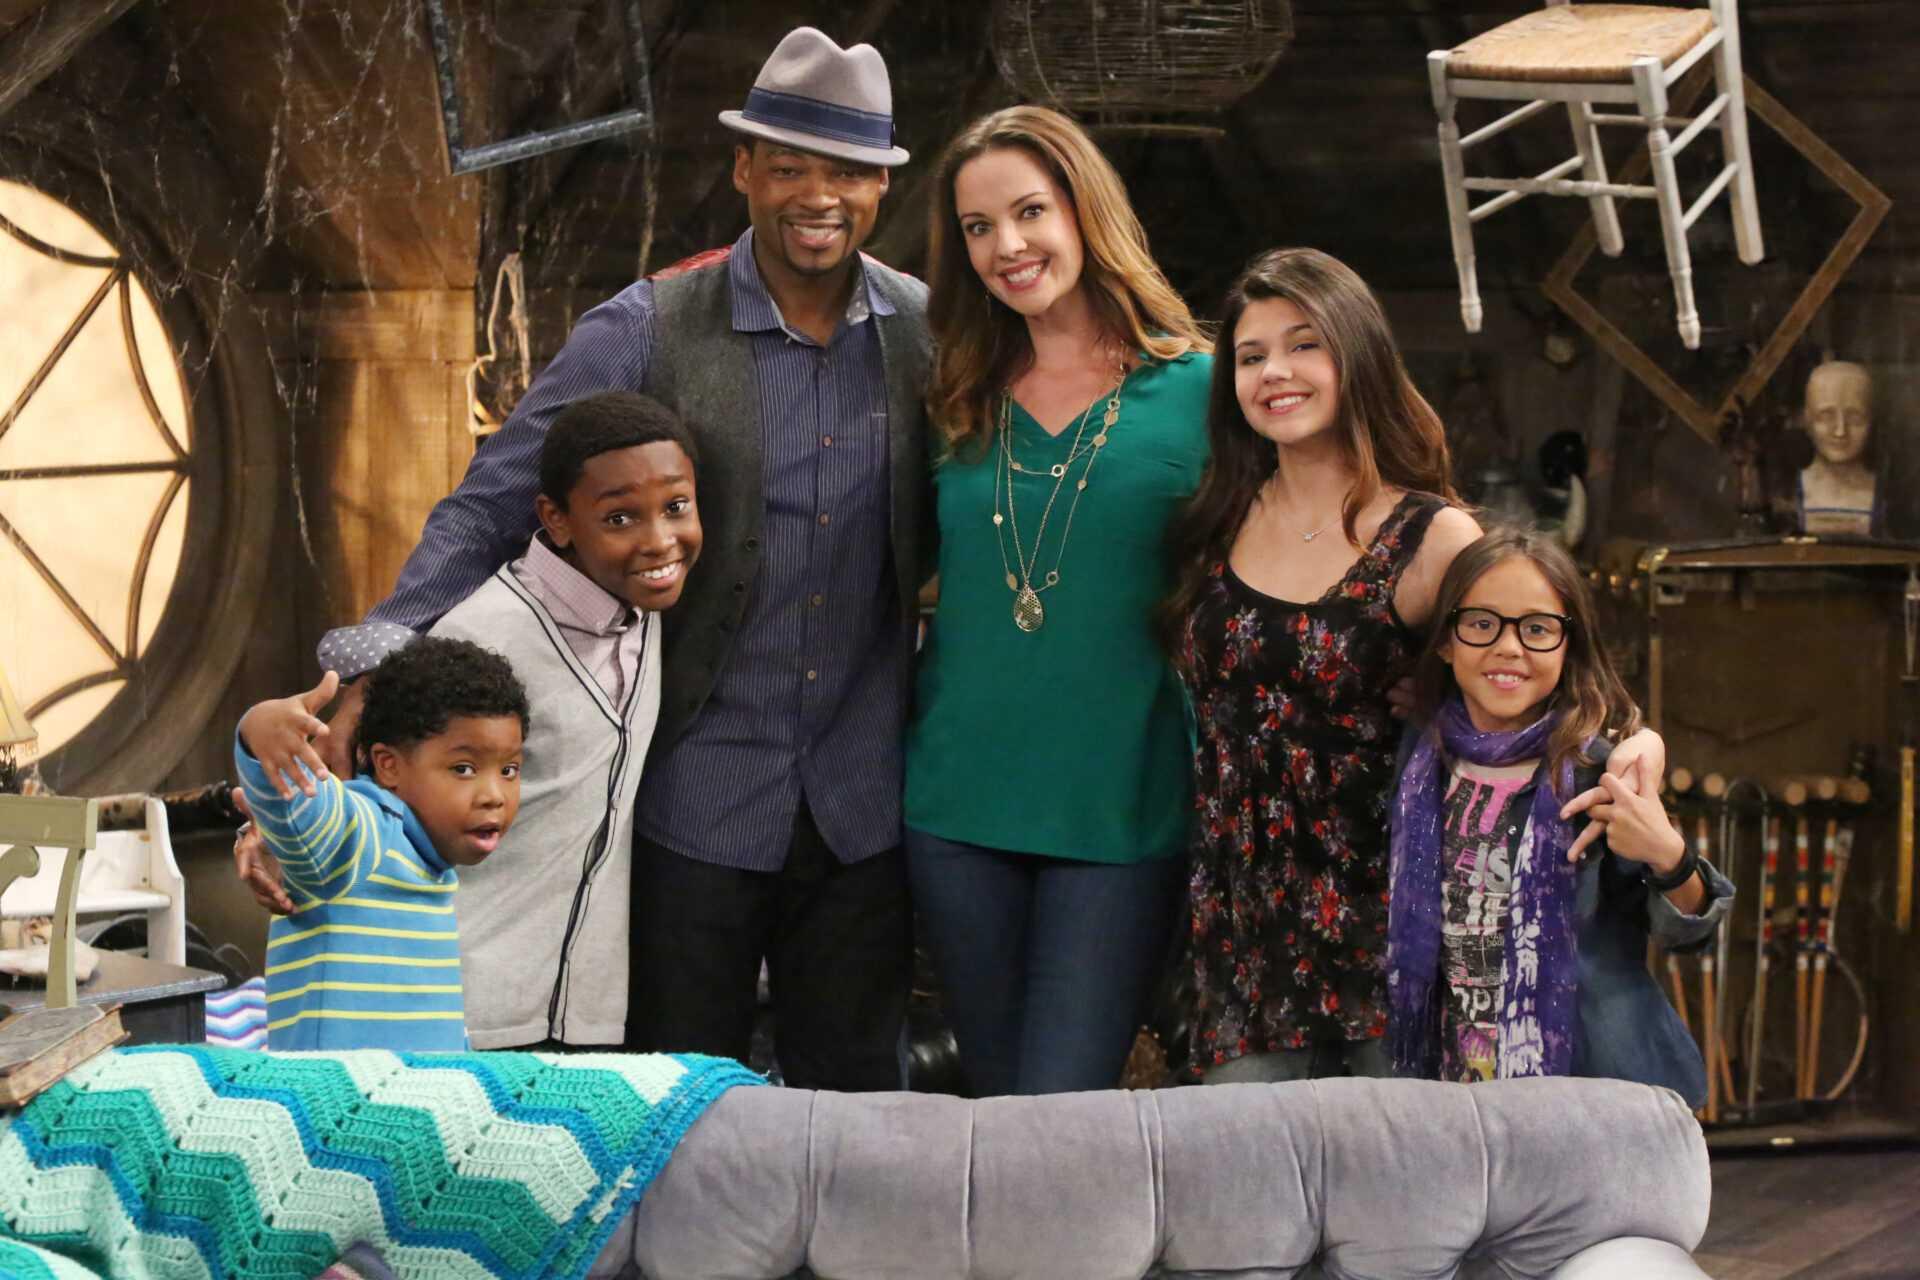 I nuovi episodi di Casa Hathaway dal 10 Marzo su Nickelodeon   Digitale terrestre: Dtti.it